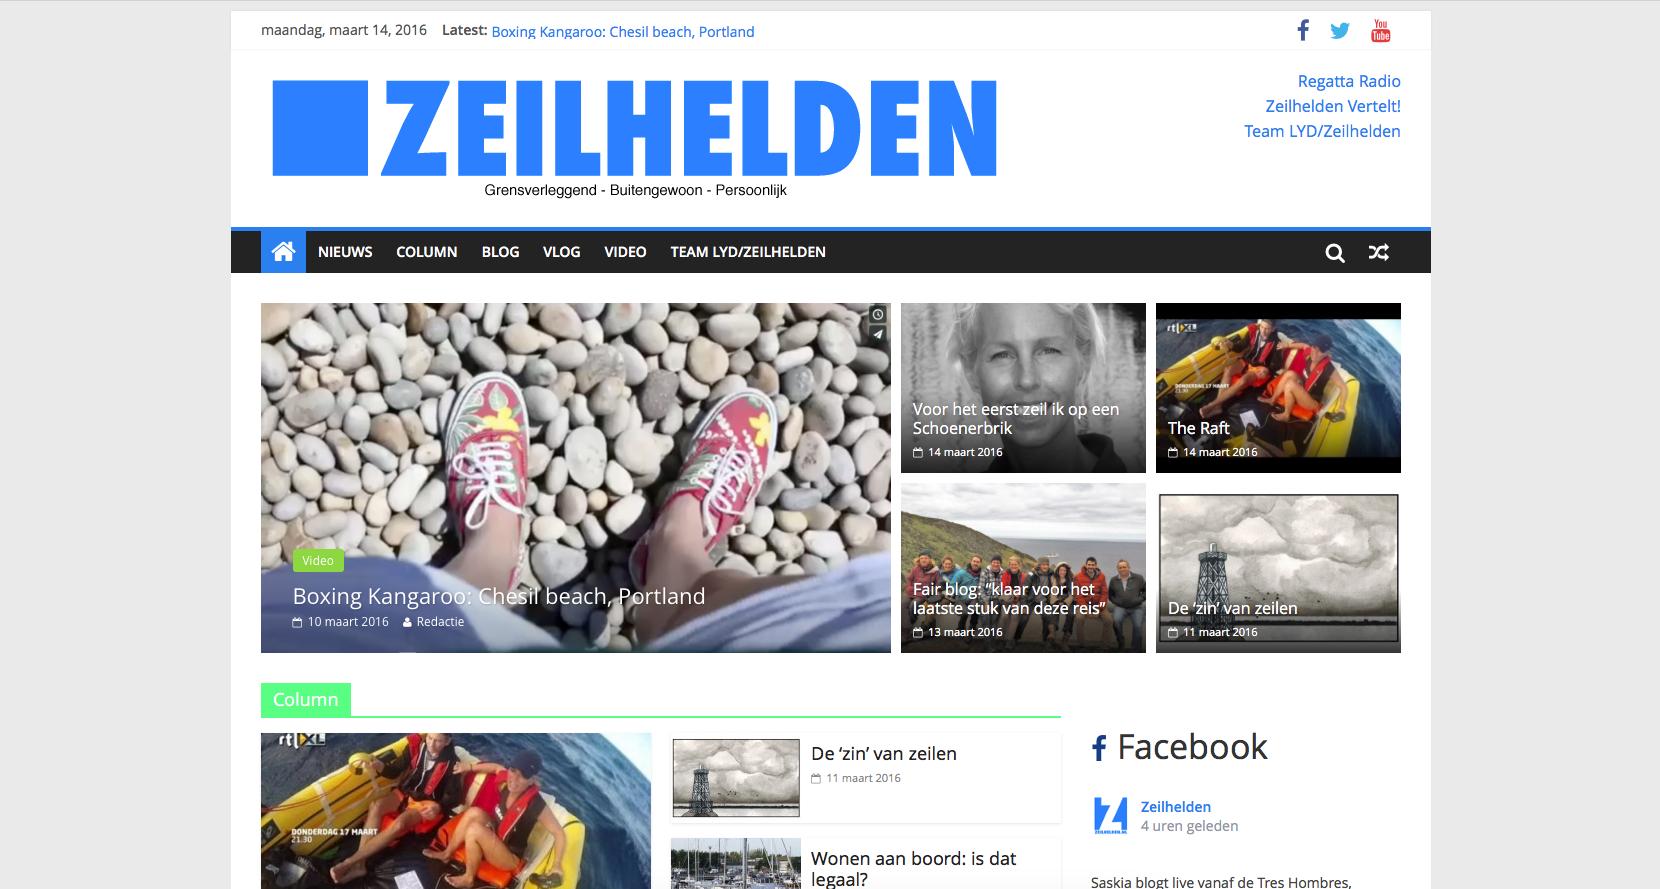 Zeilhelden.nl